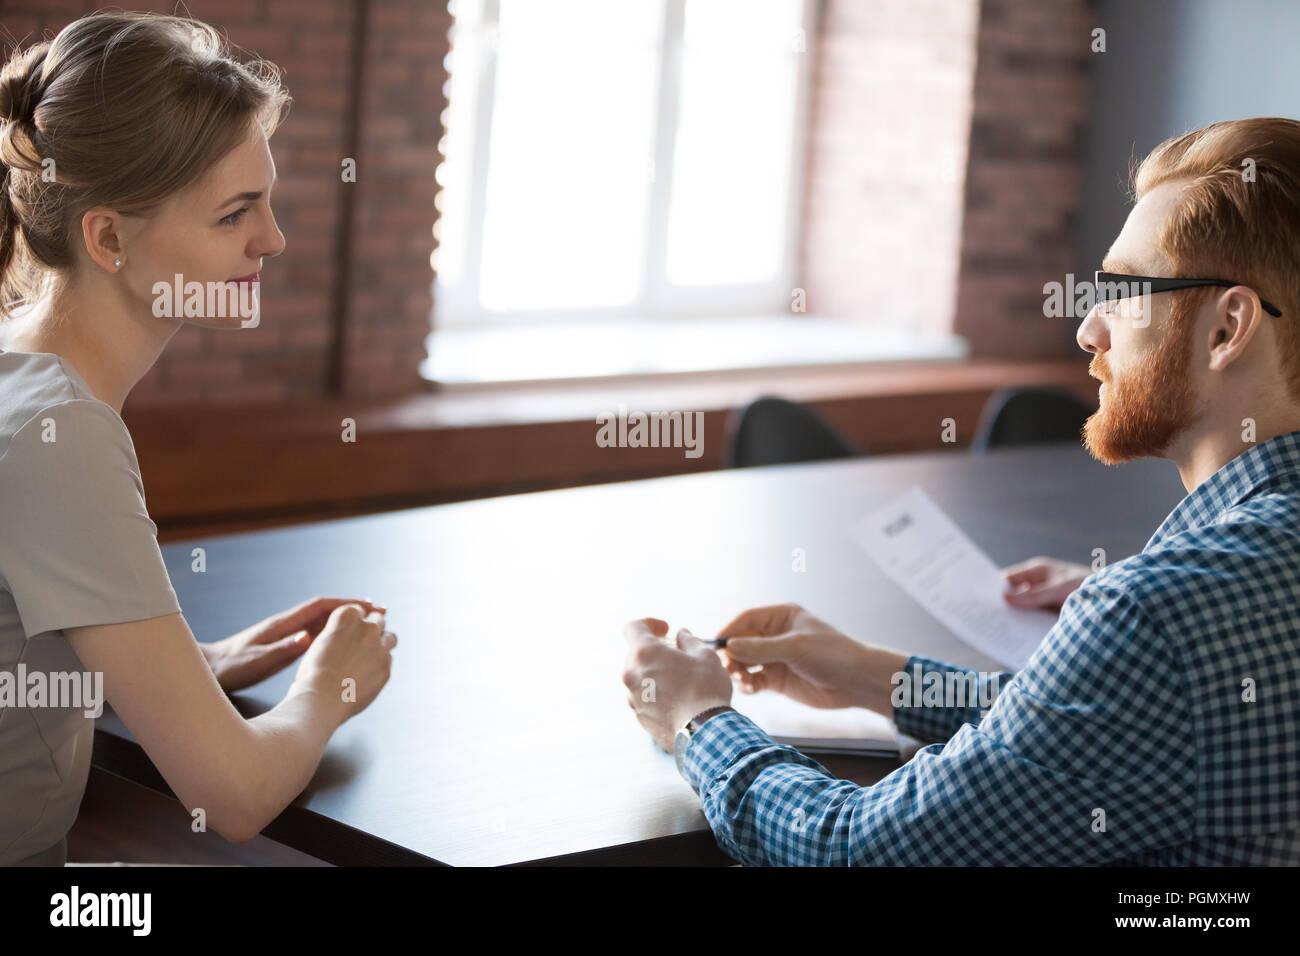 L'examen de candidature candidat recruteur féminin au cours de l'interv Photo Stock